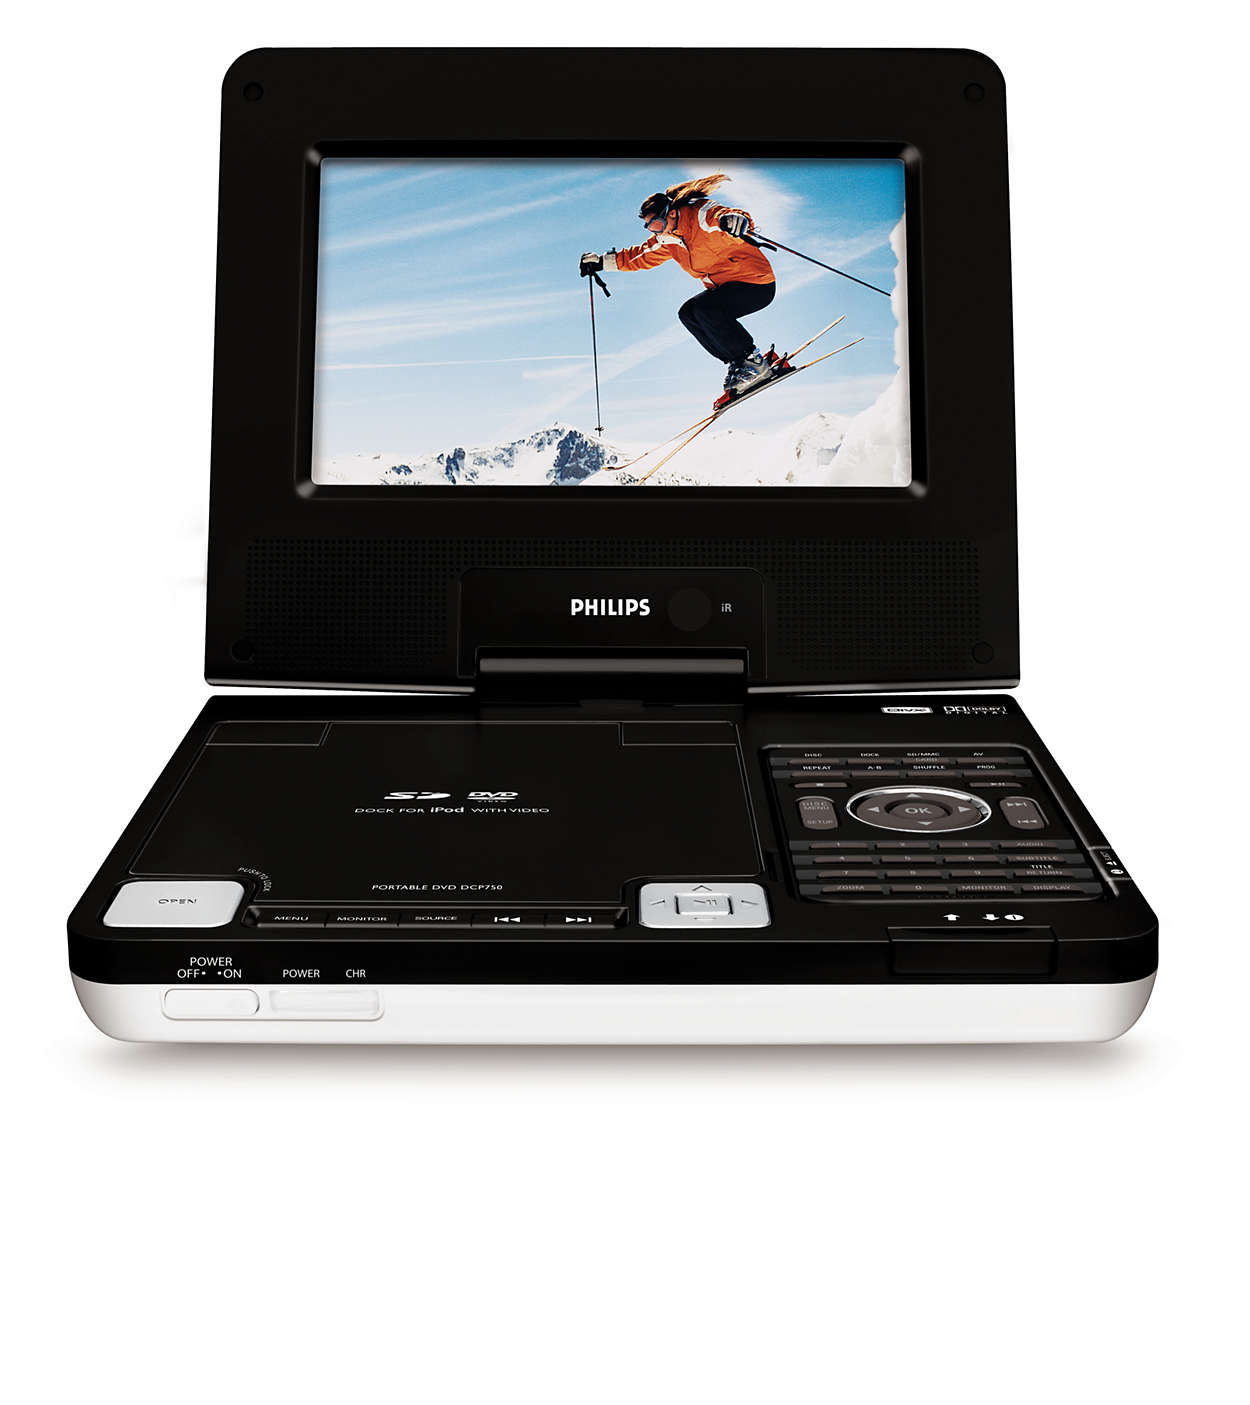 Desfrute de vídeos em iPod, DVD e cartões SD